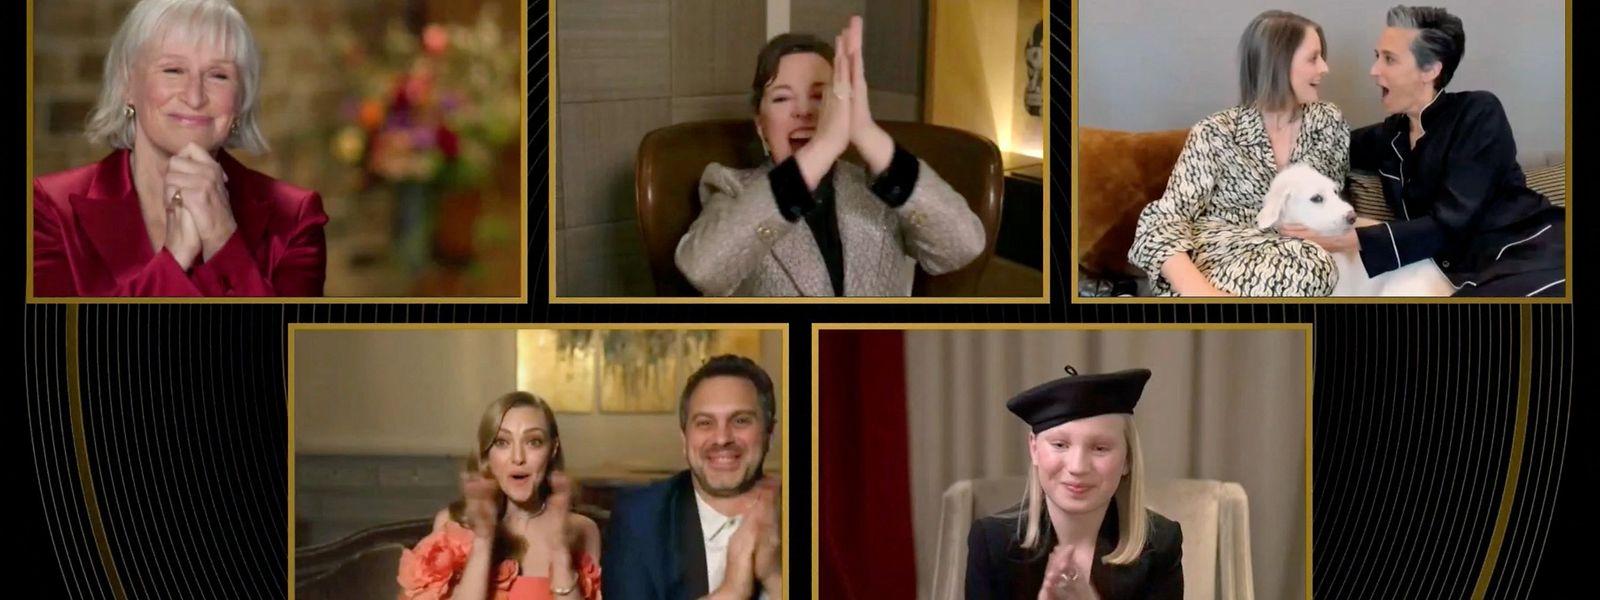 """Bei der Bekanntgabe der Gewinnerin für die beste weibliche Nebenrolle. Den Golden Globe bekam Jodie Foster (oben rechts) für ihre Nebenrolle in dem Polit-Thriller """"The Mauritanian""""."""